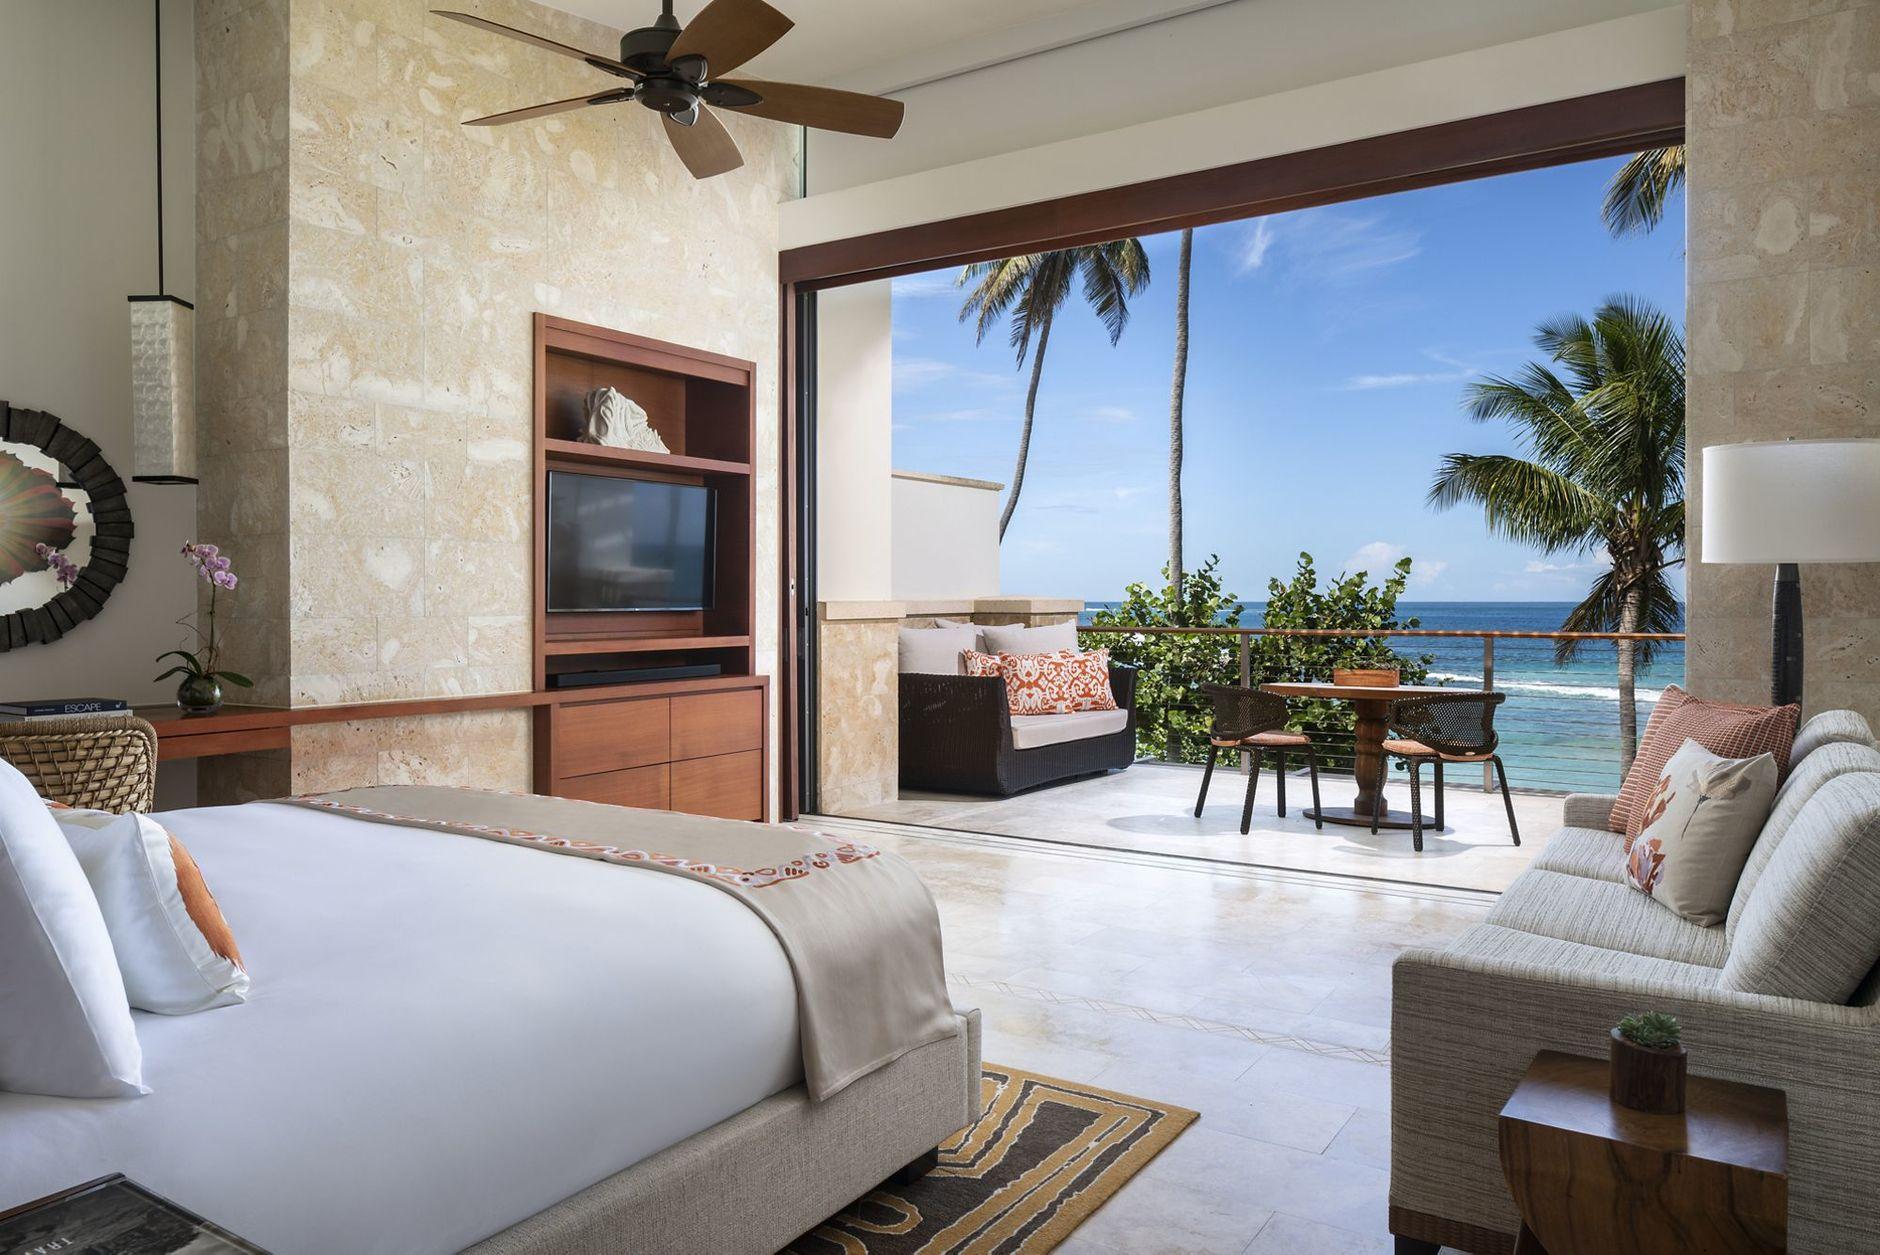 ТОП-10 дизайнерских отелей на островах (галерея 20, фото 0)